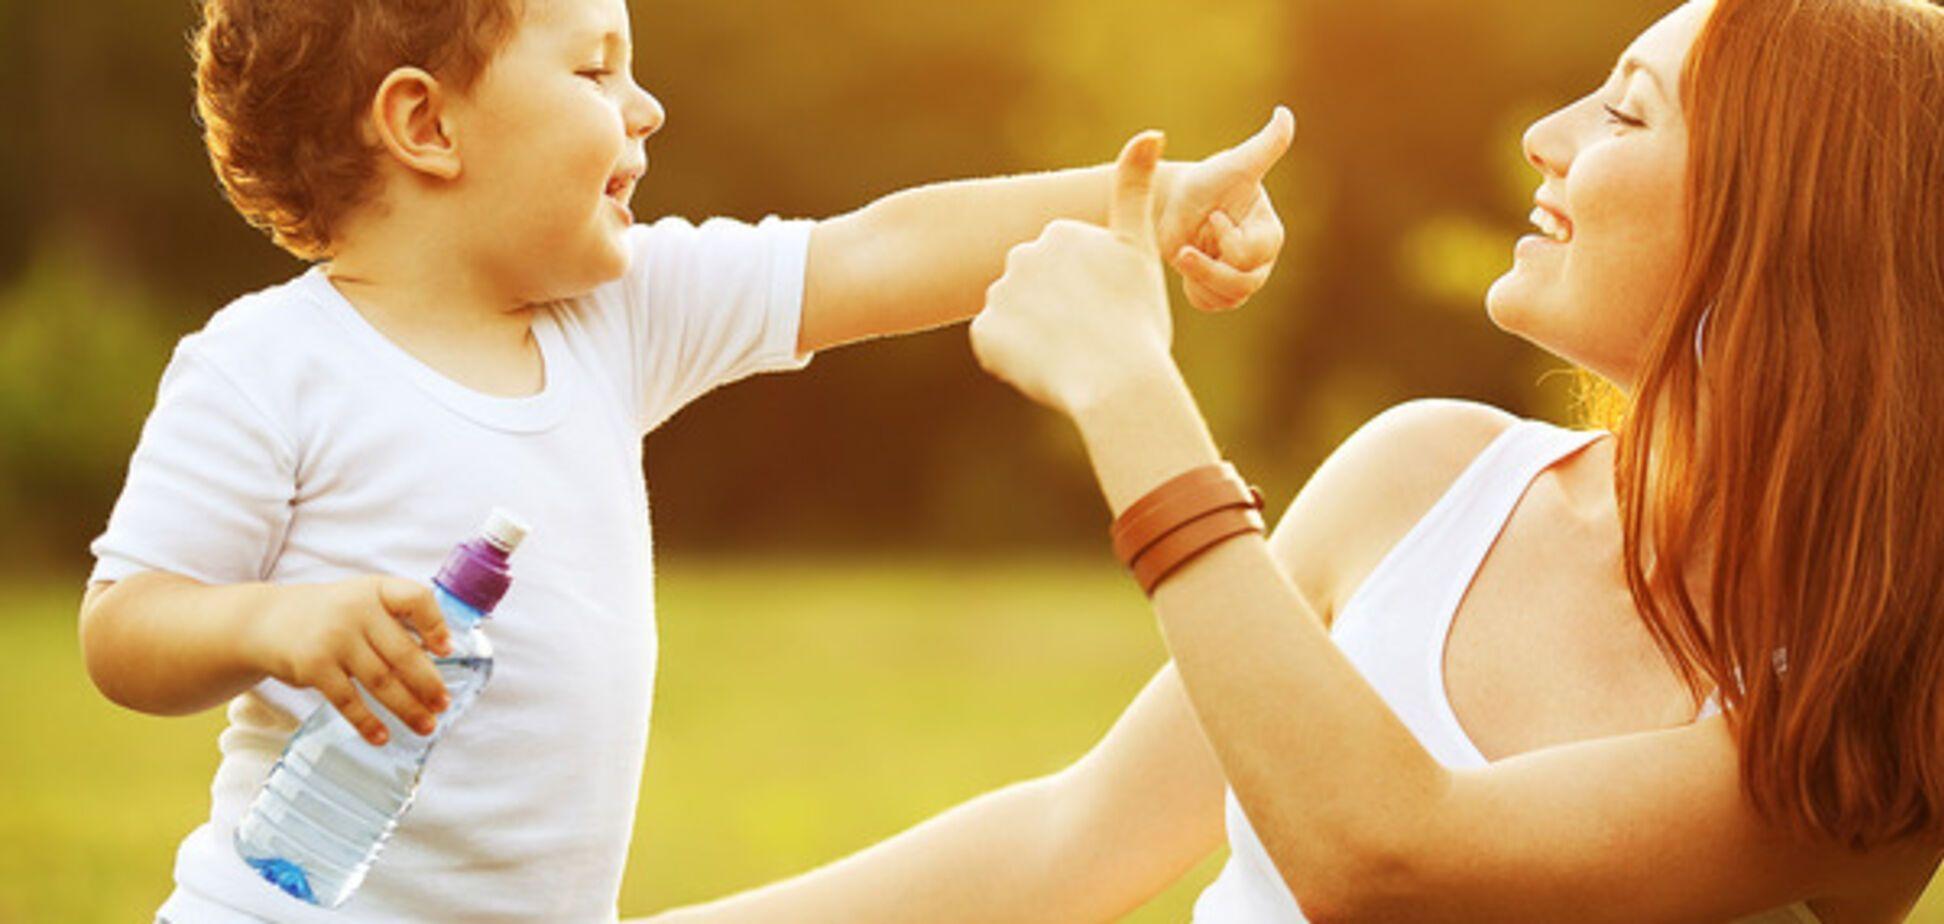 Хвалити дитину потрібно правильно: кілька підказок для батьків